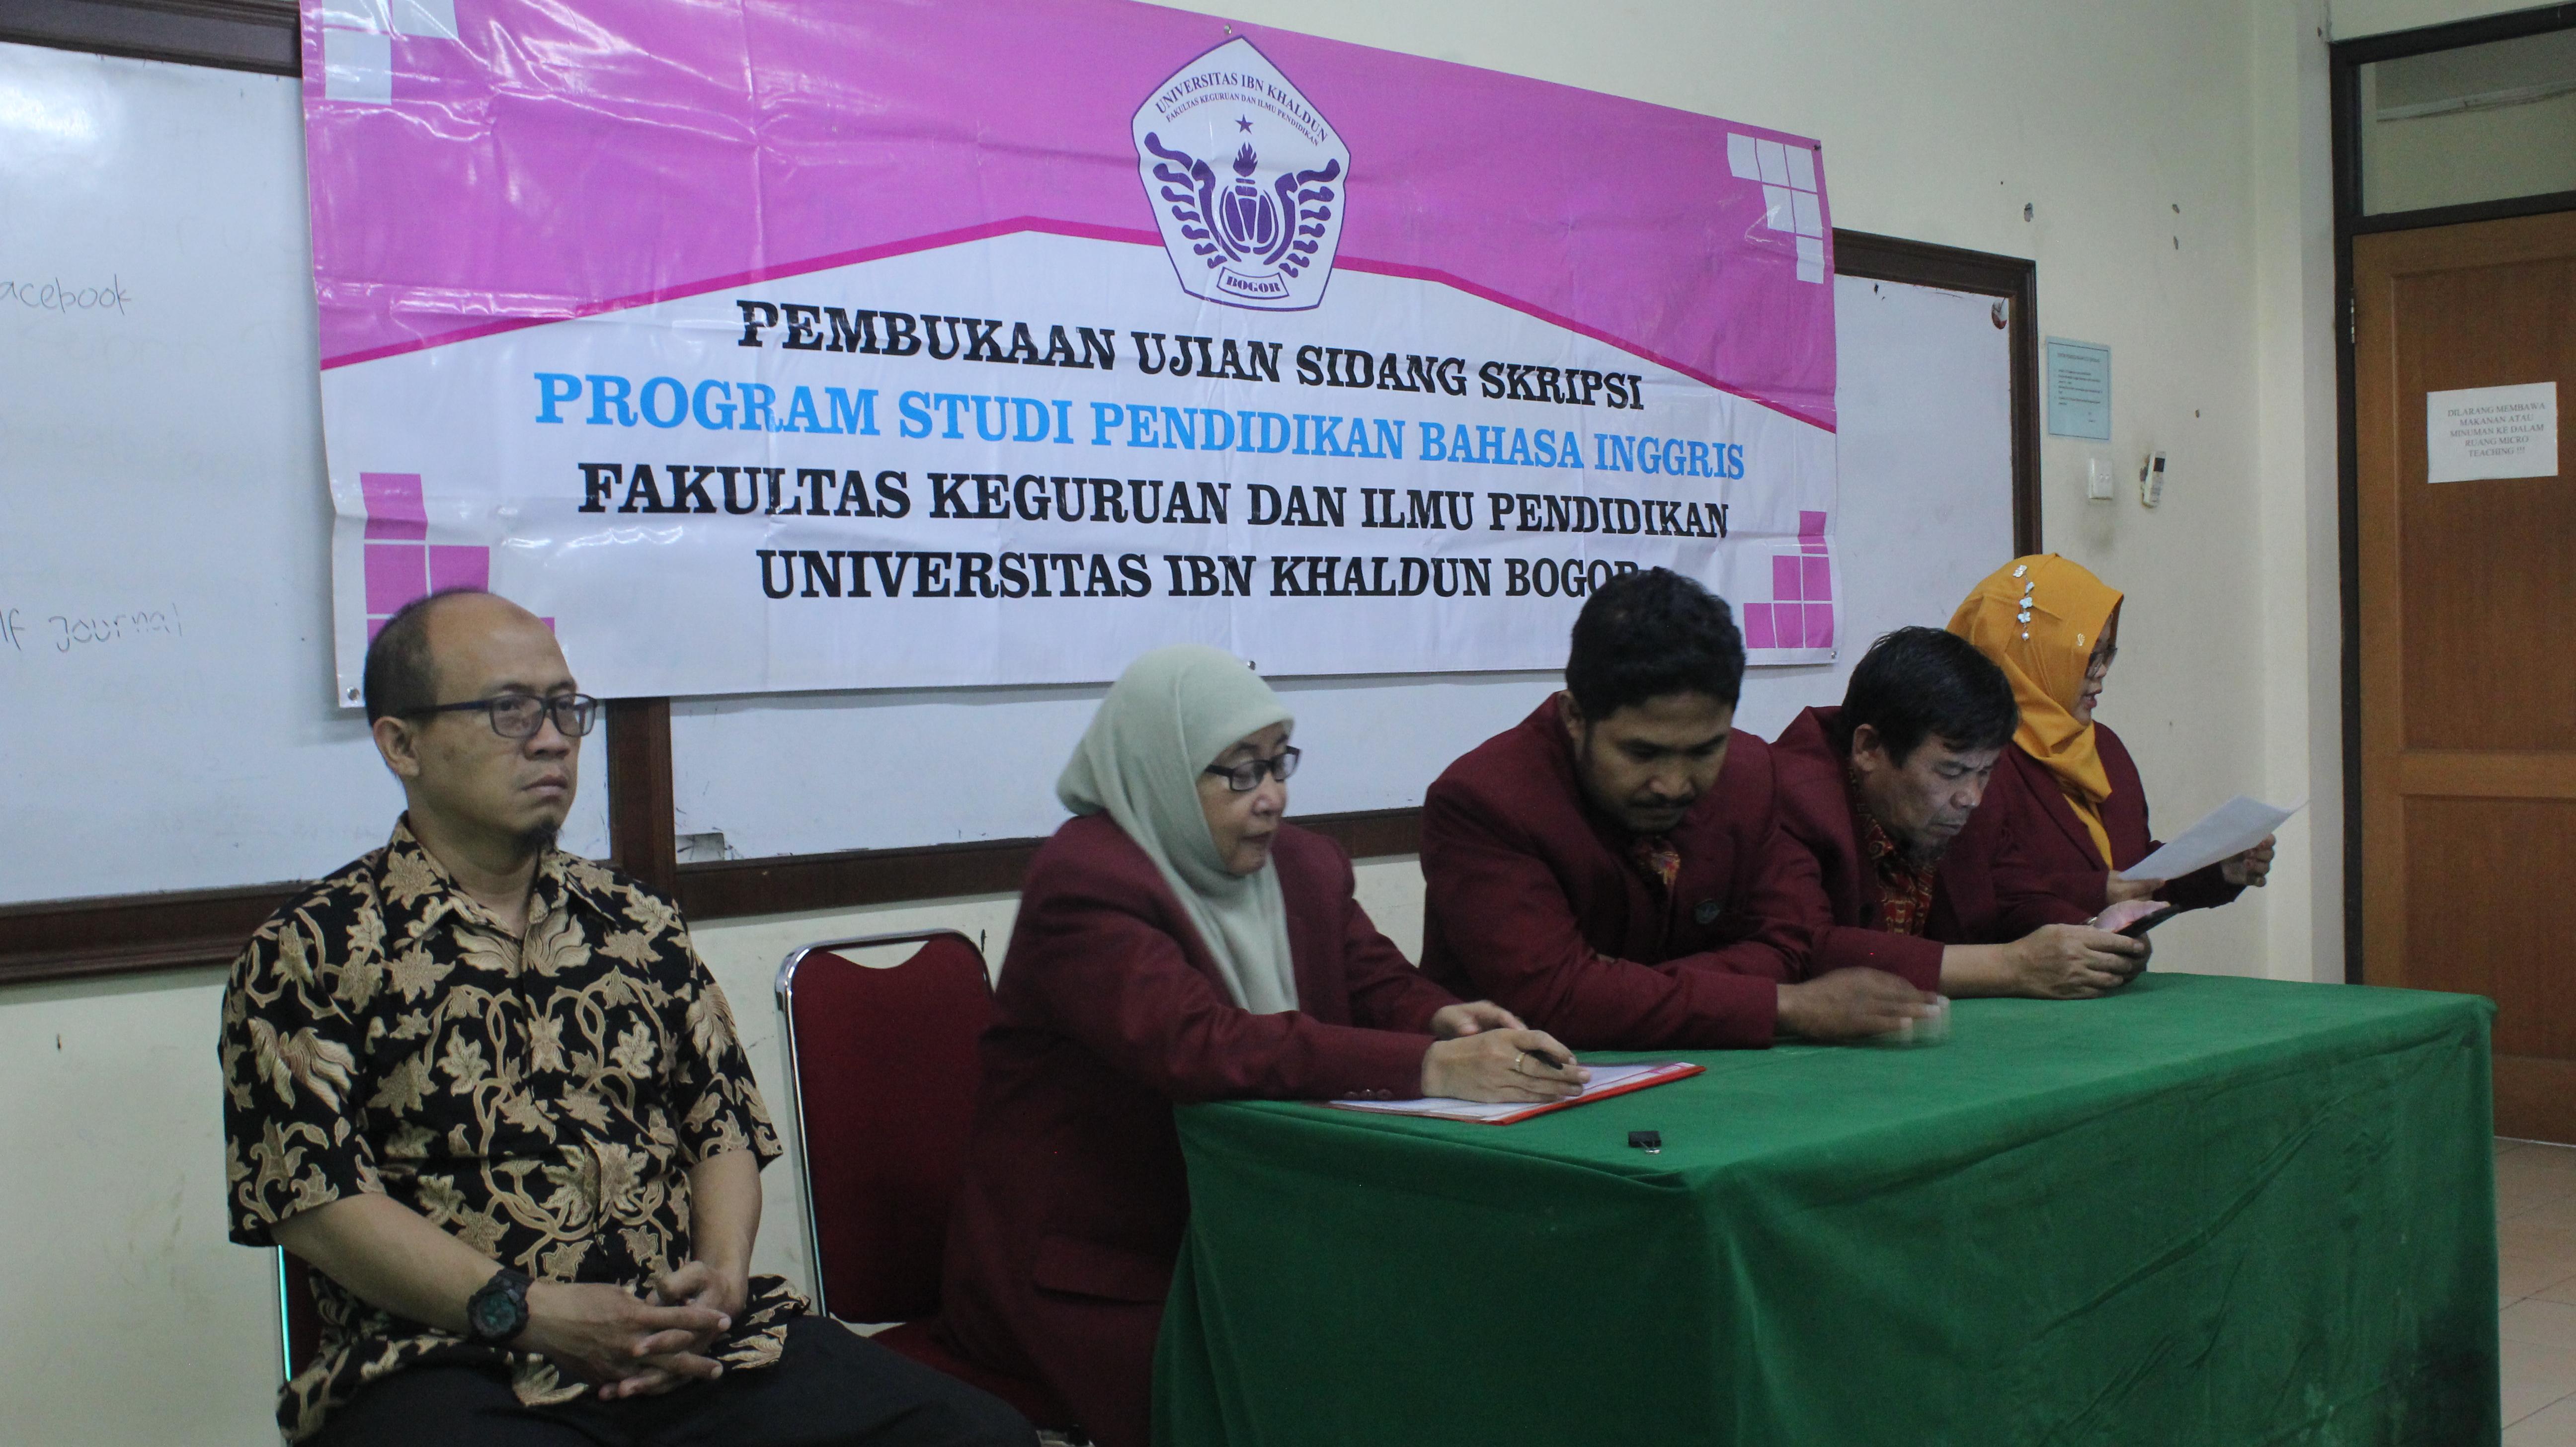 Pembukaan Sidang Skripsi Program Studi Pendidikan Bahasa Inggris Fkip Uika Fkip Uika Bogor